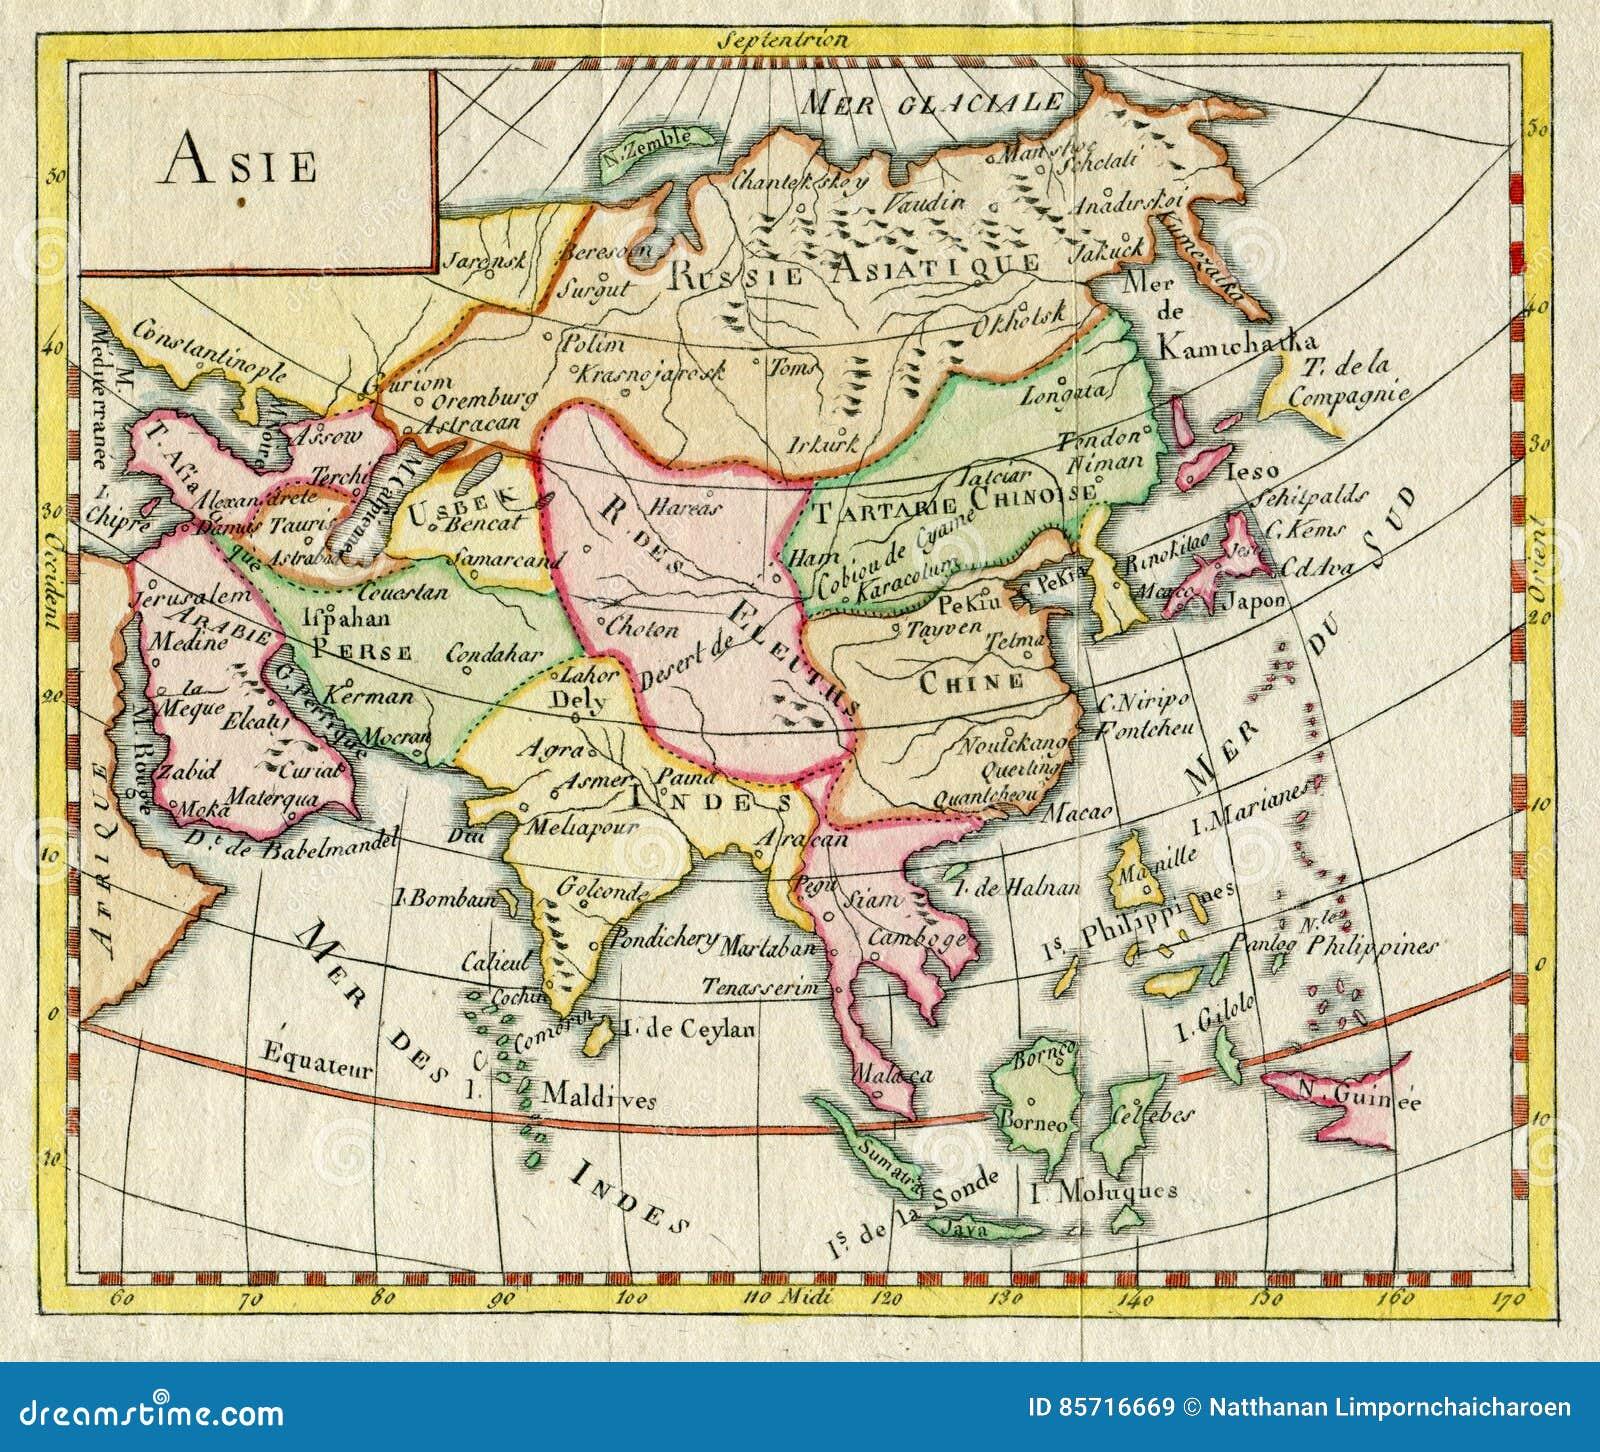 Carte Chine Antique.La Carte Antique De L Asie Montre L Inde Chine Russie Japon